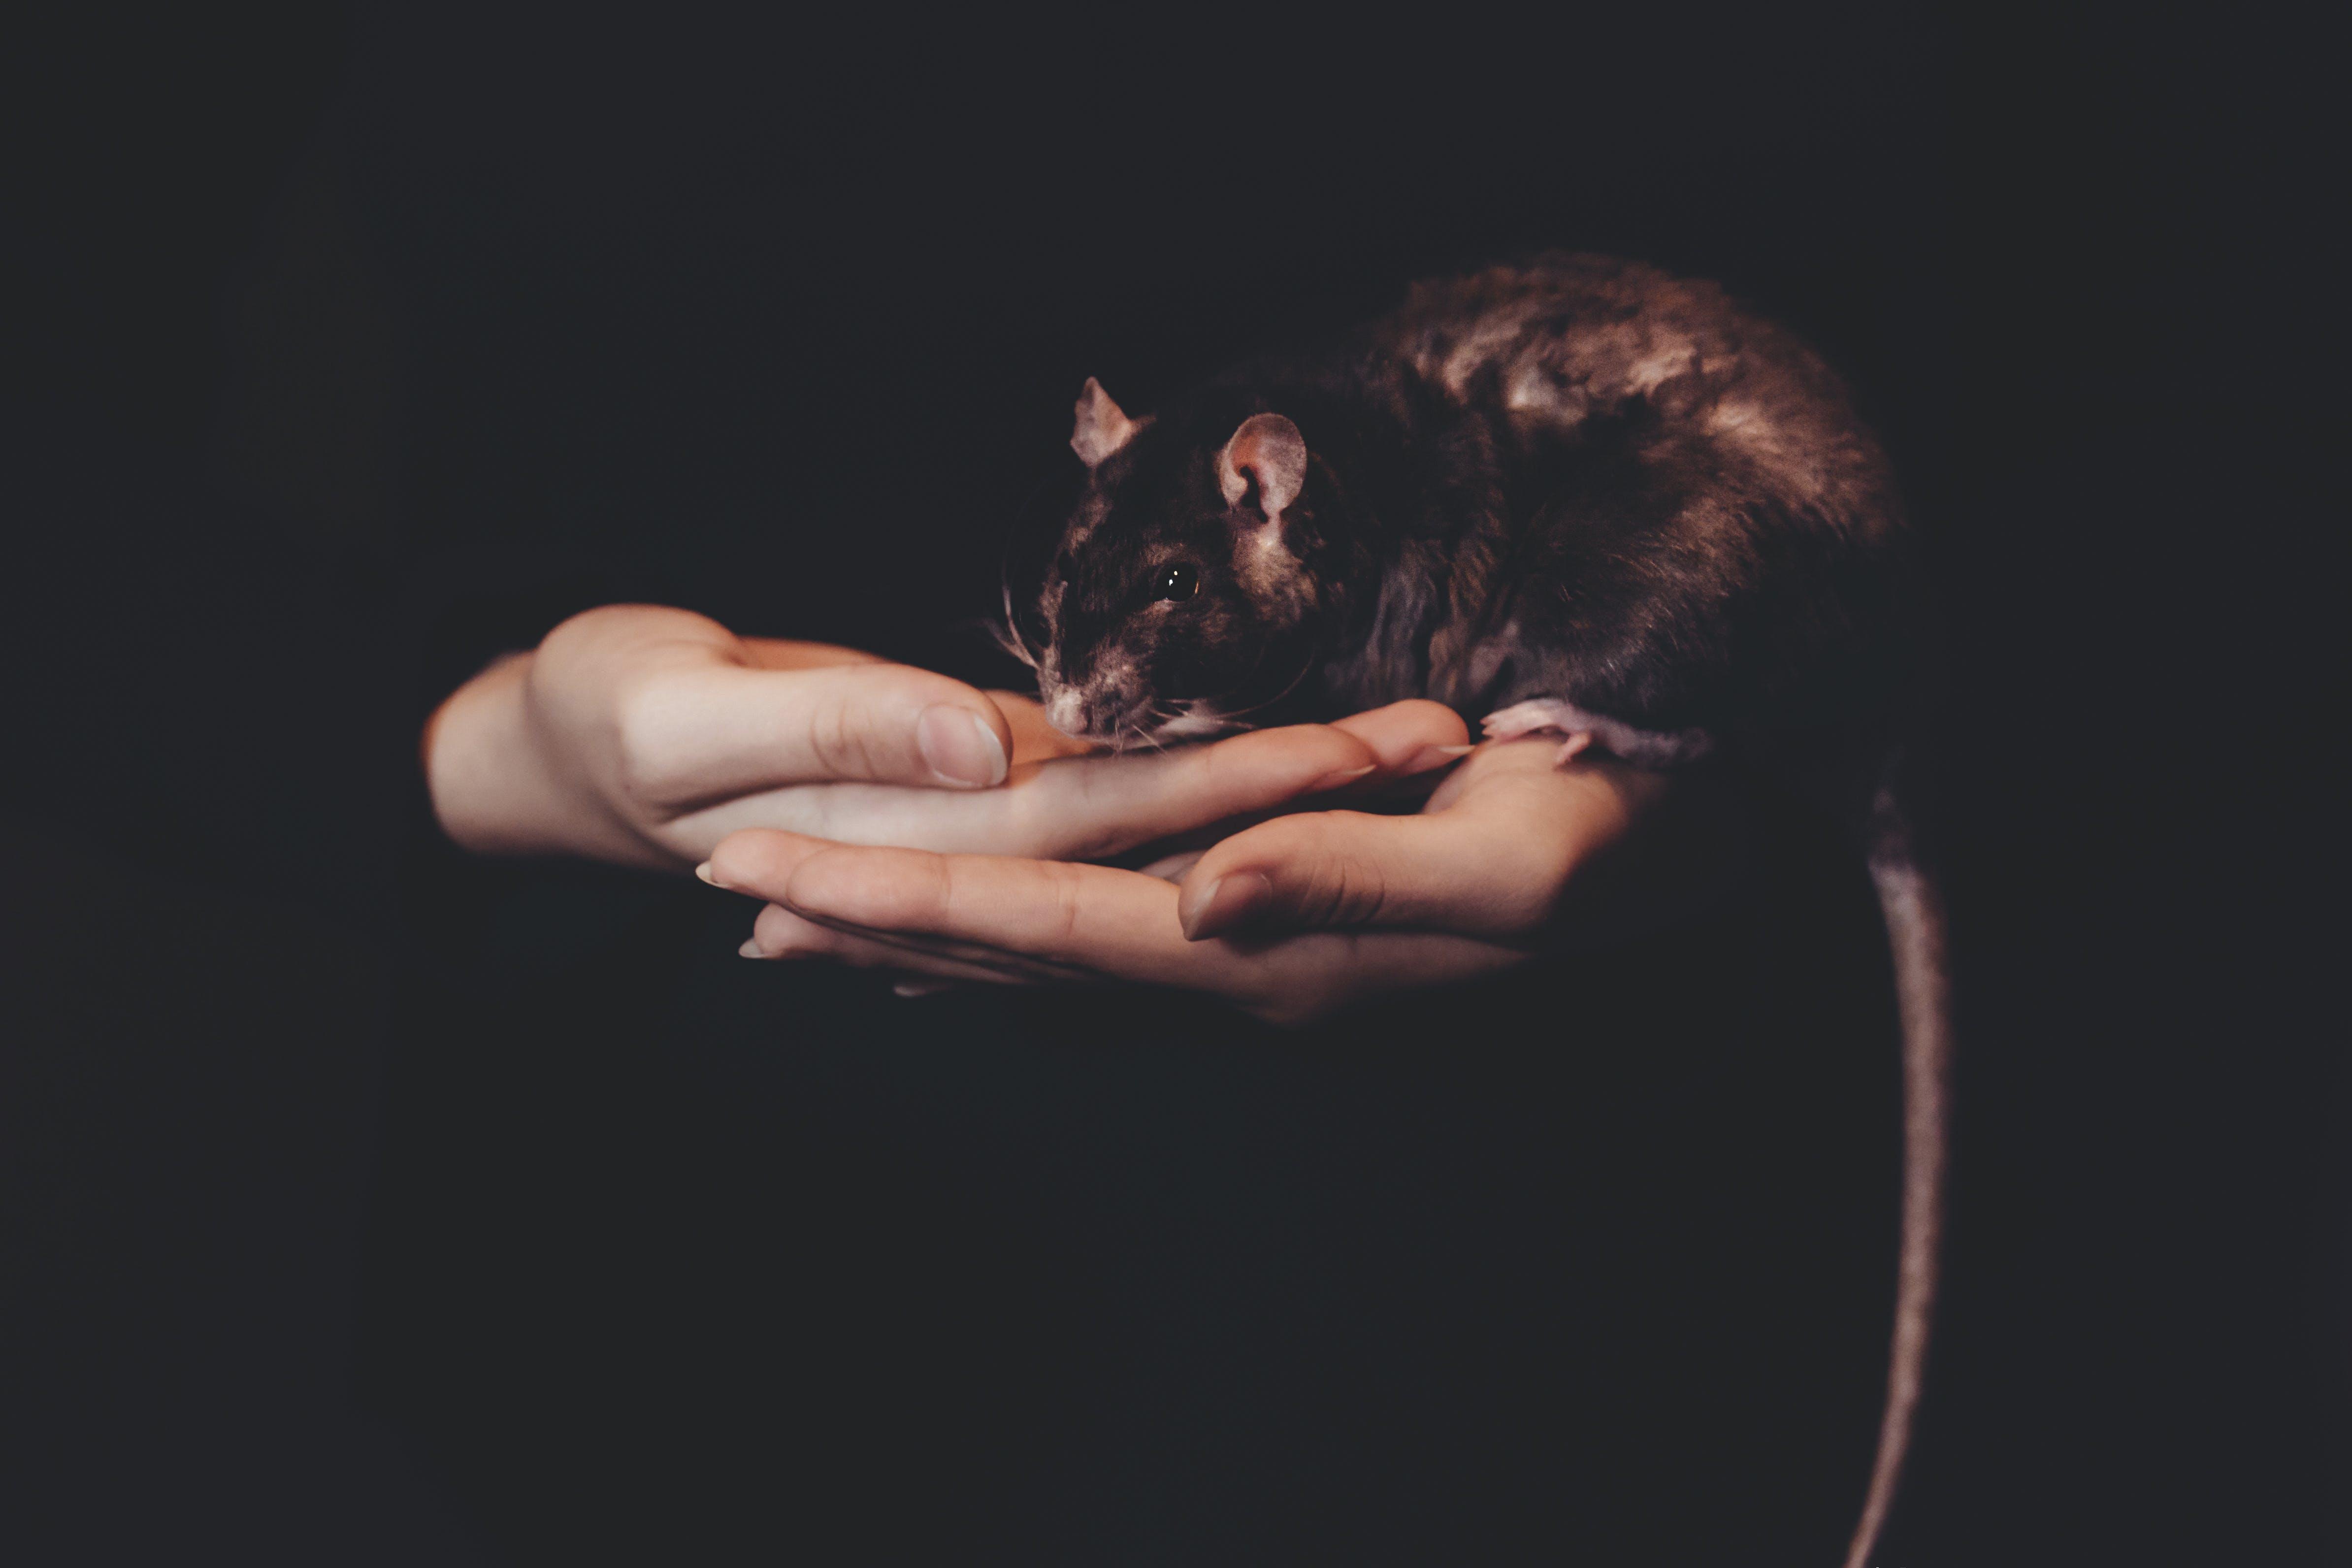 Gratis lagerfoto af gnaver, hænder, kæledyr, mørk